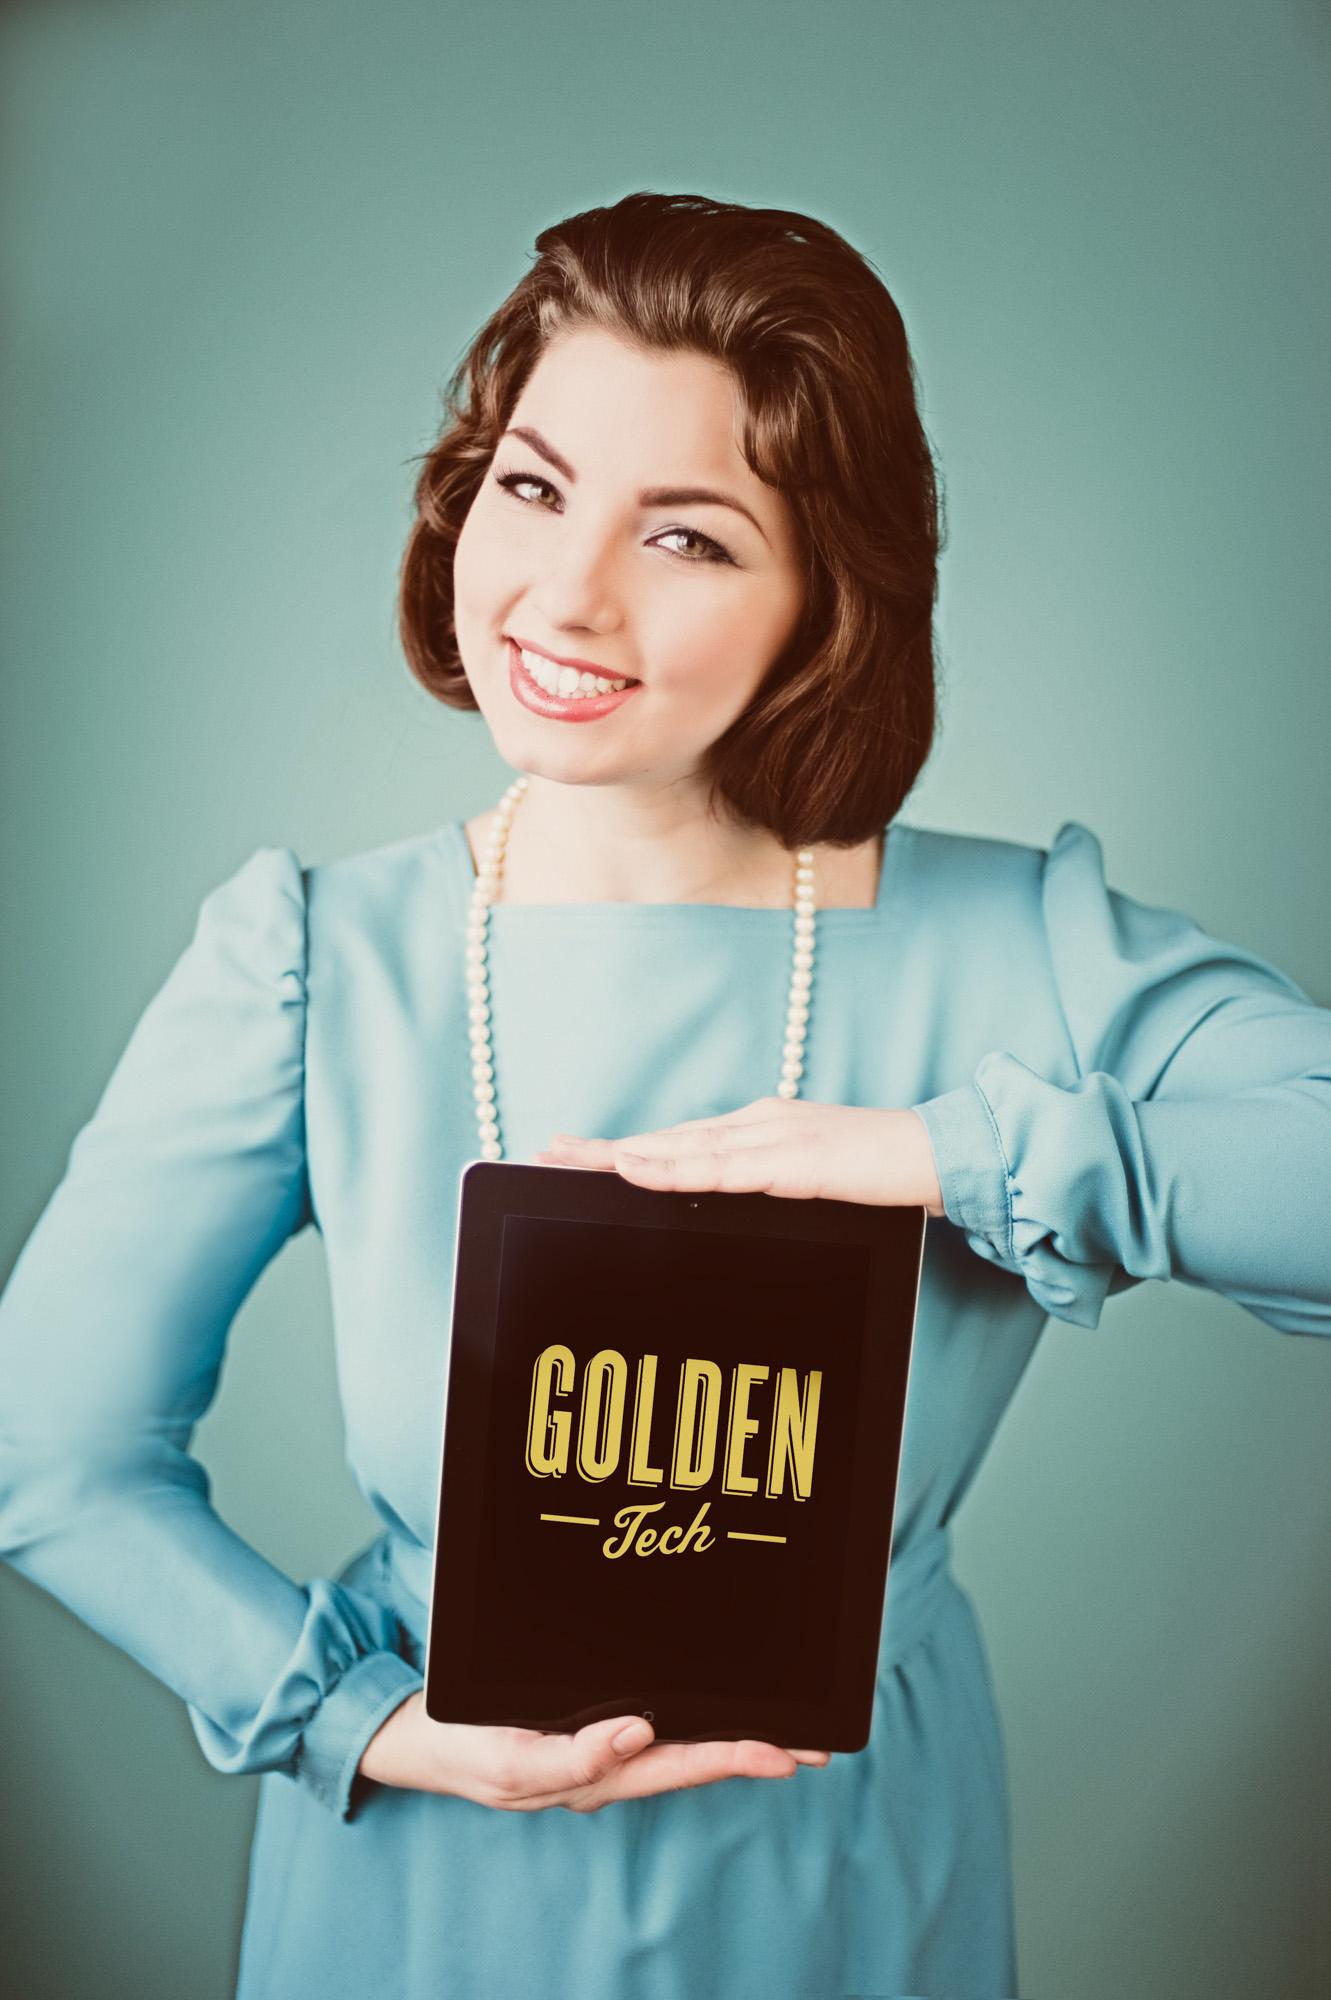 goldentech0003.jpg